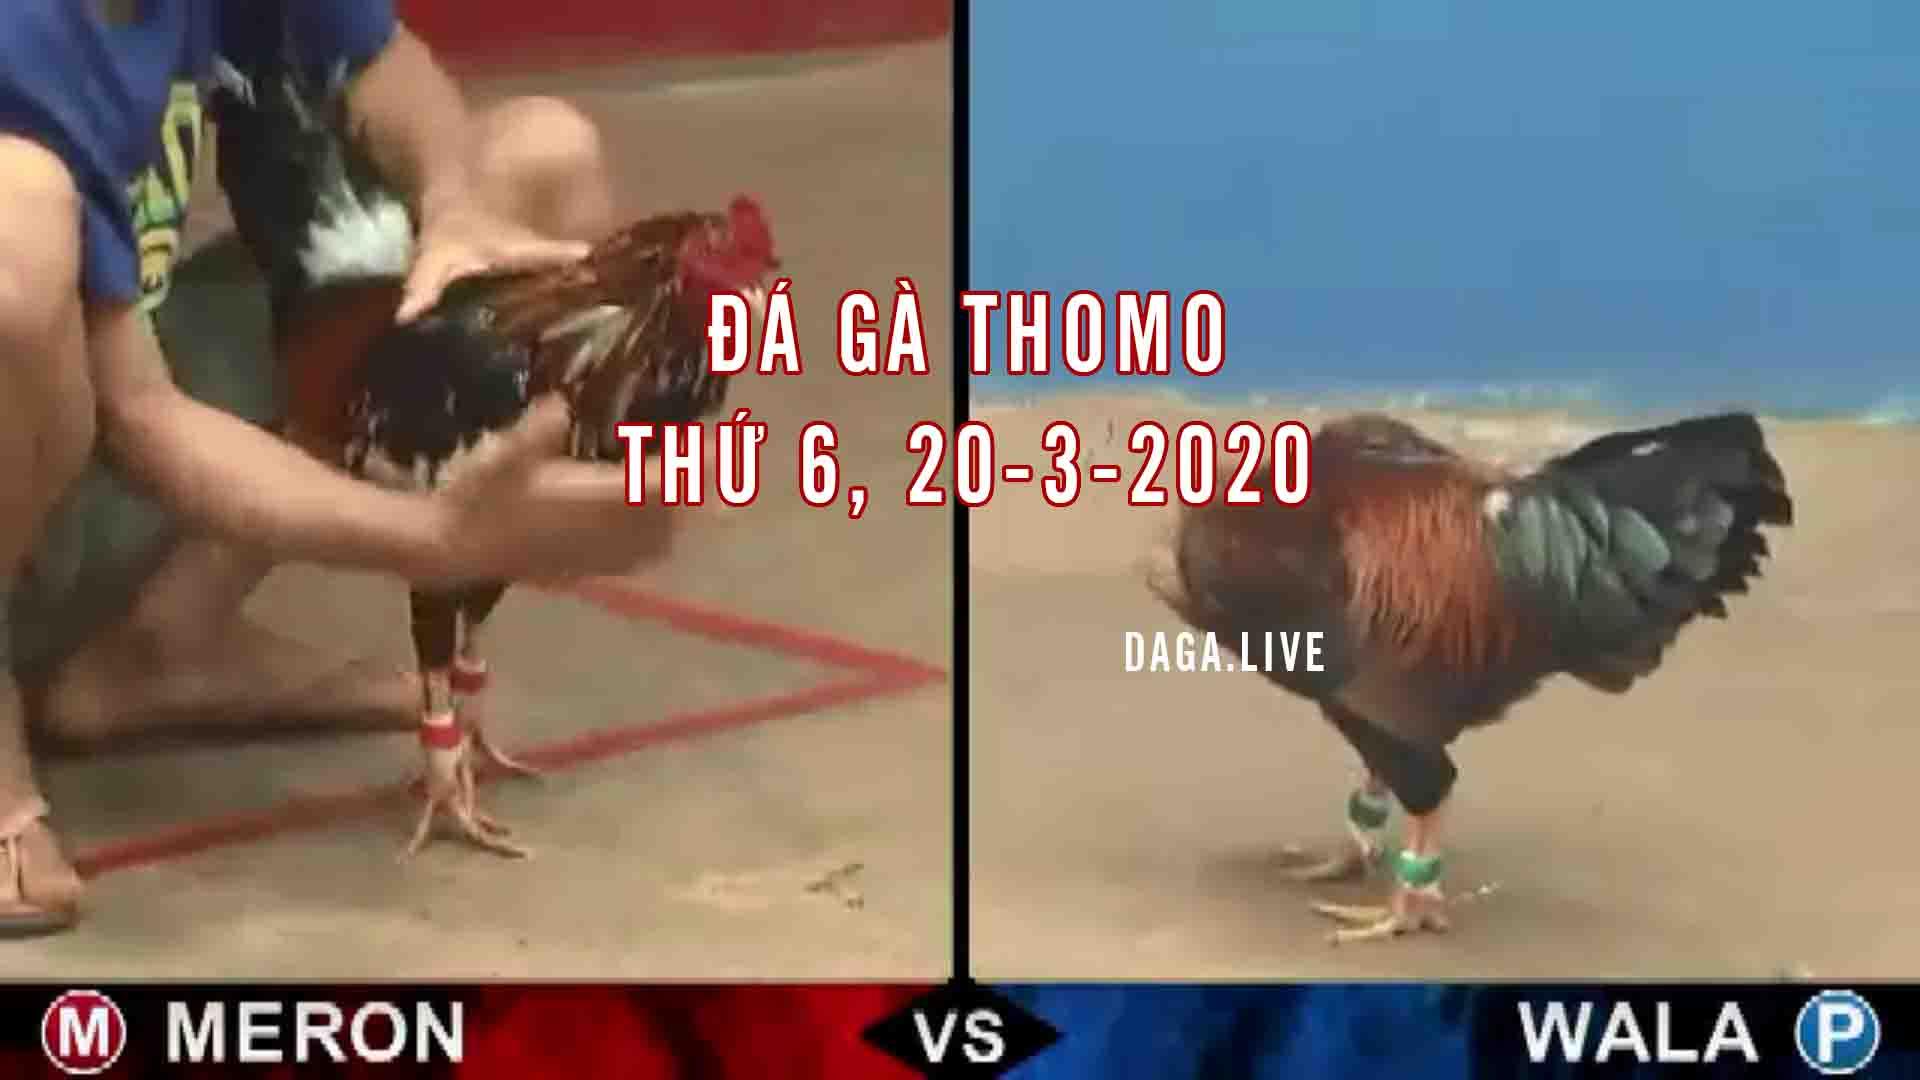 DAGA.LIVE - Đá gà thomo, đá gà campuchia, đá gà trực tiếp, đá gà cựa sắt thứ 6 ngày 20-3-2020